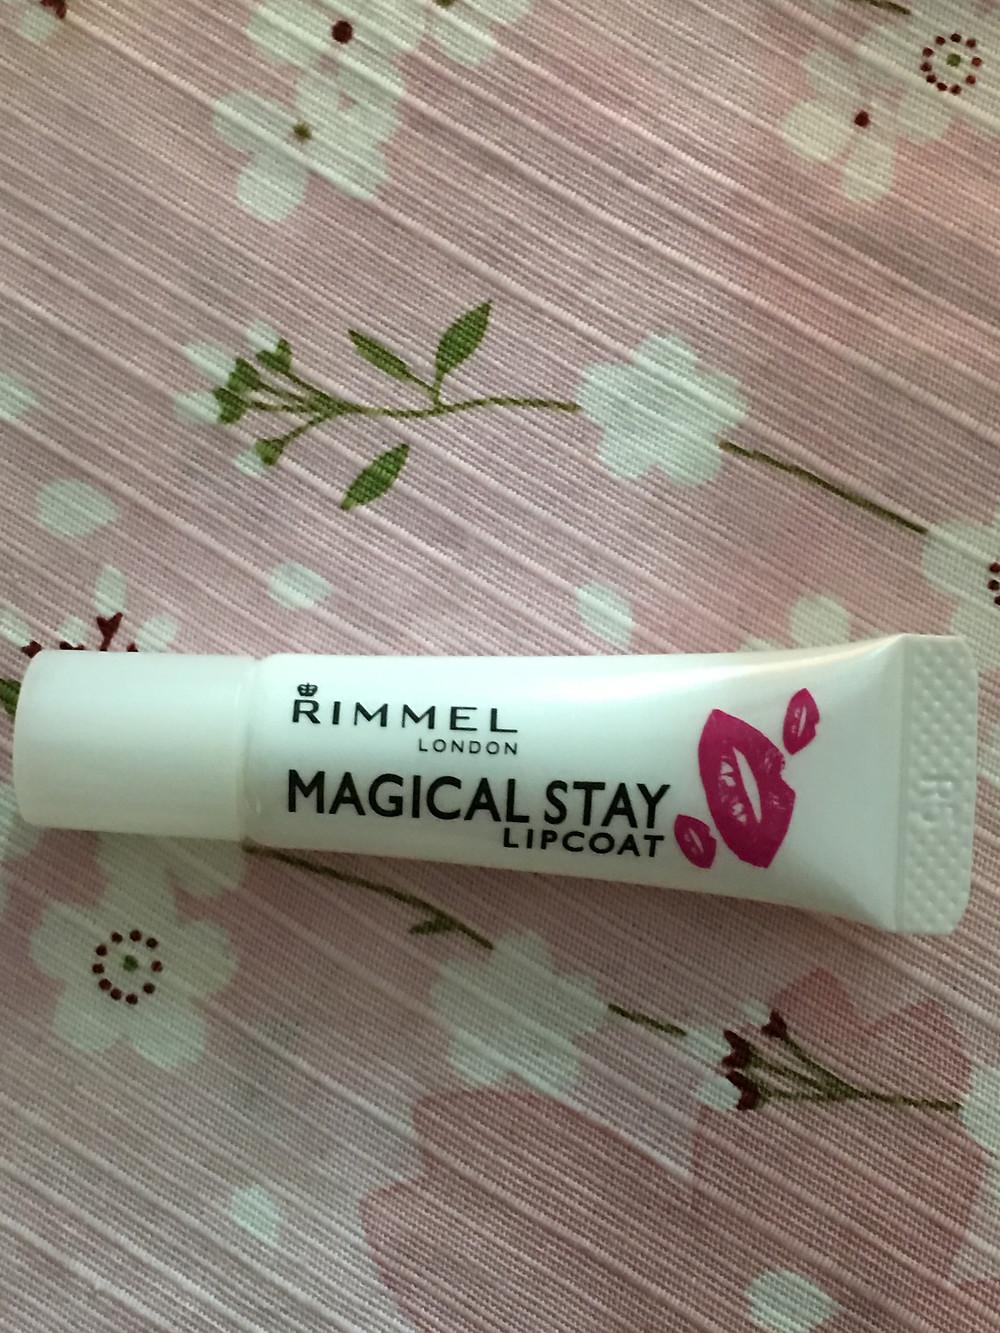 Rimmel Magical Stay Lip Coat